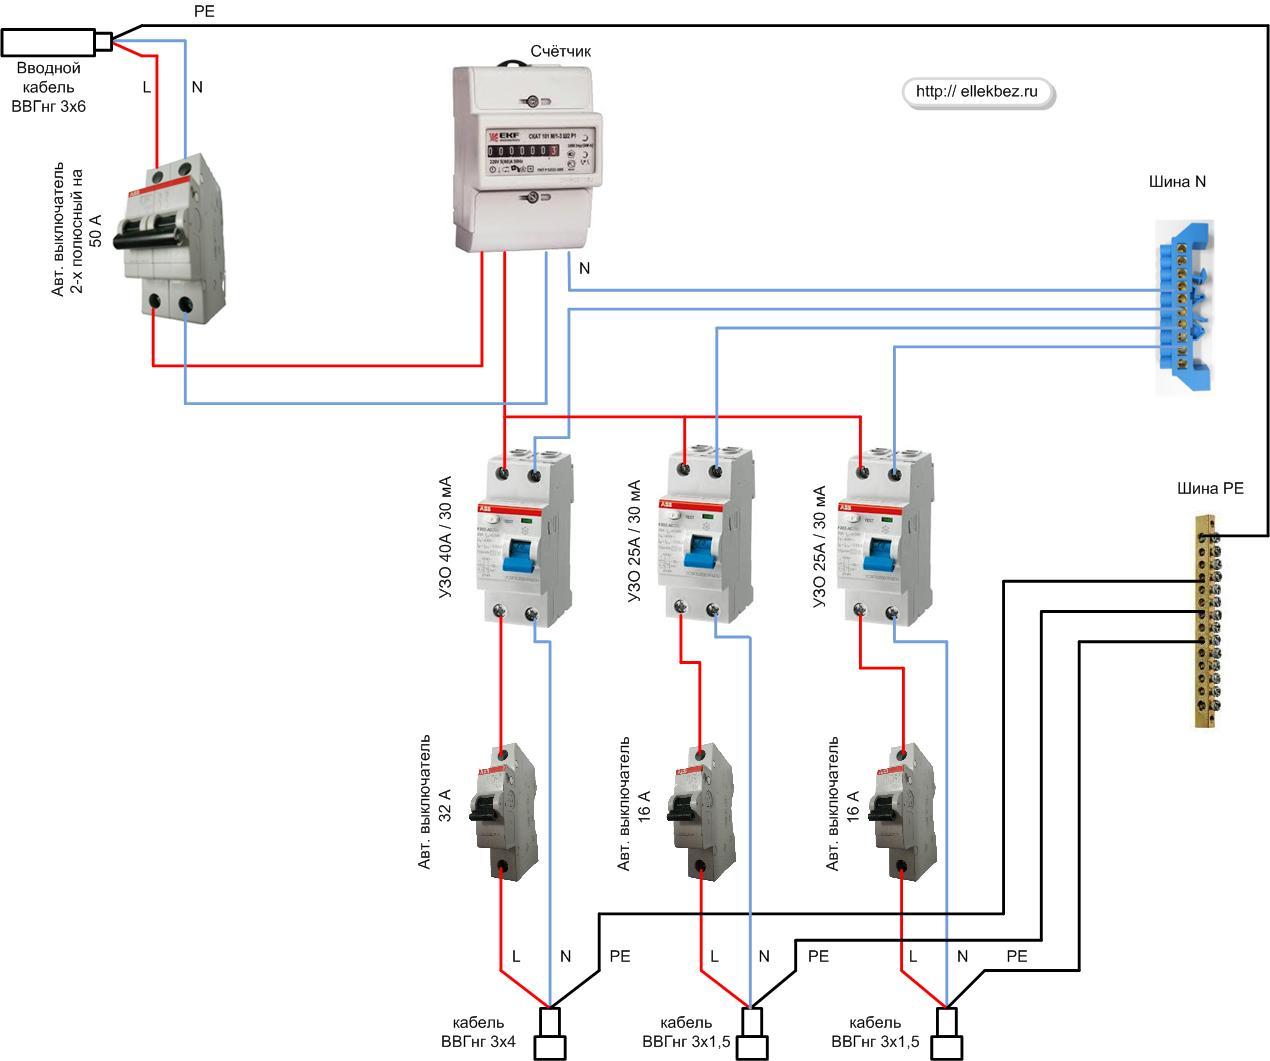 Устройство защиты электроприборов схема